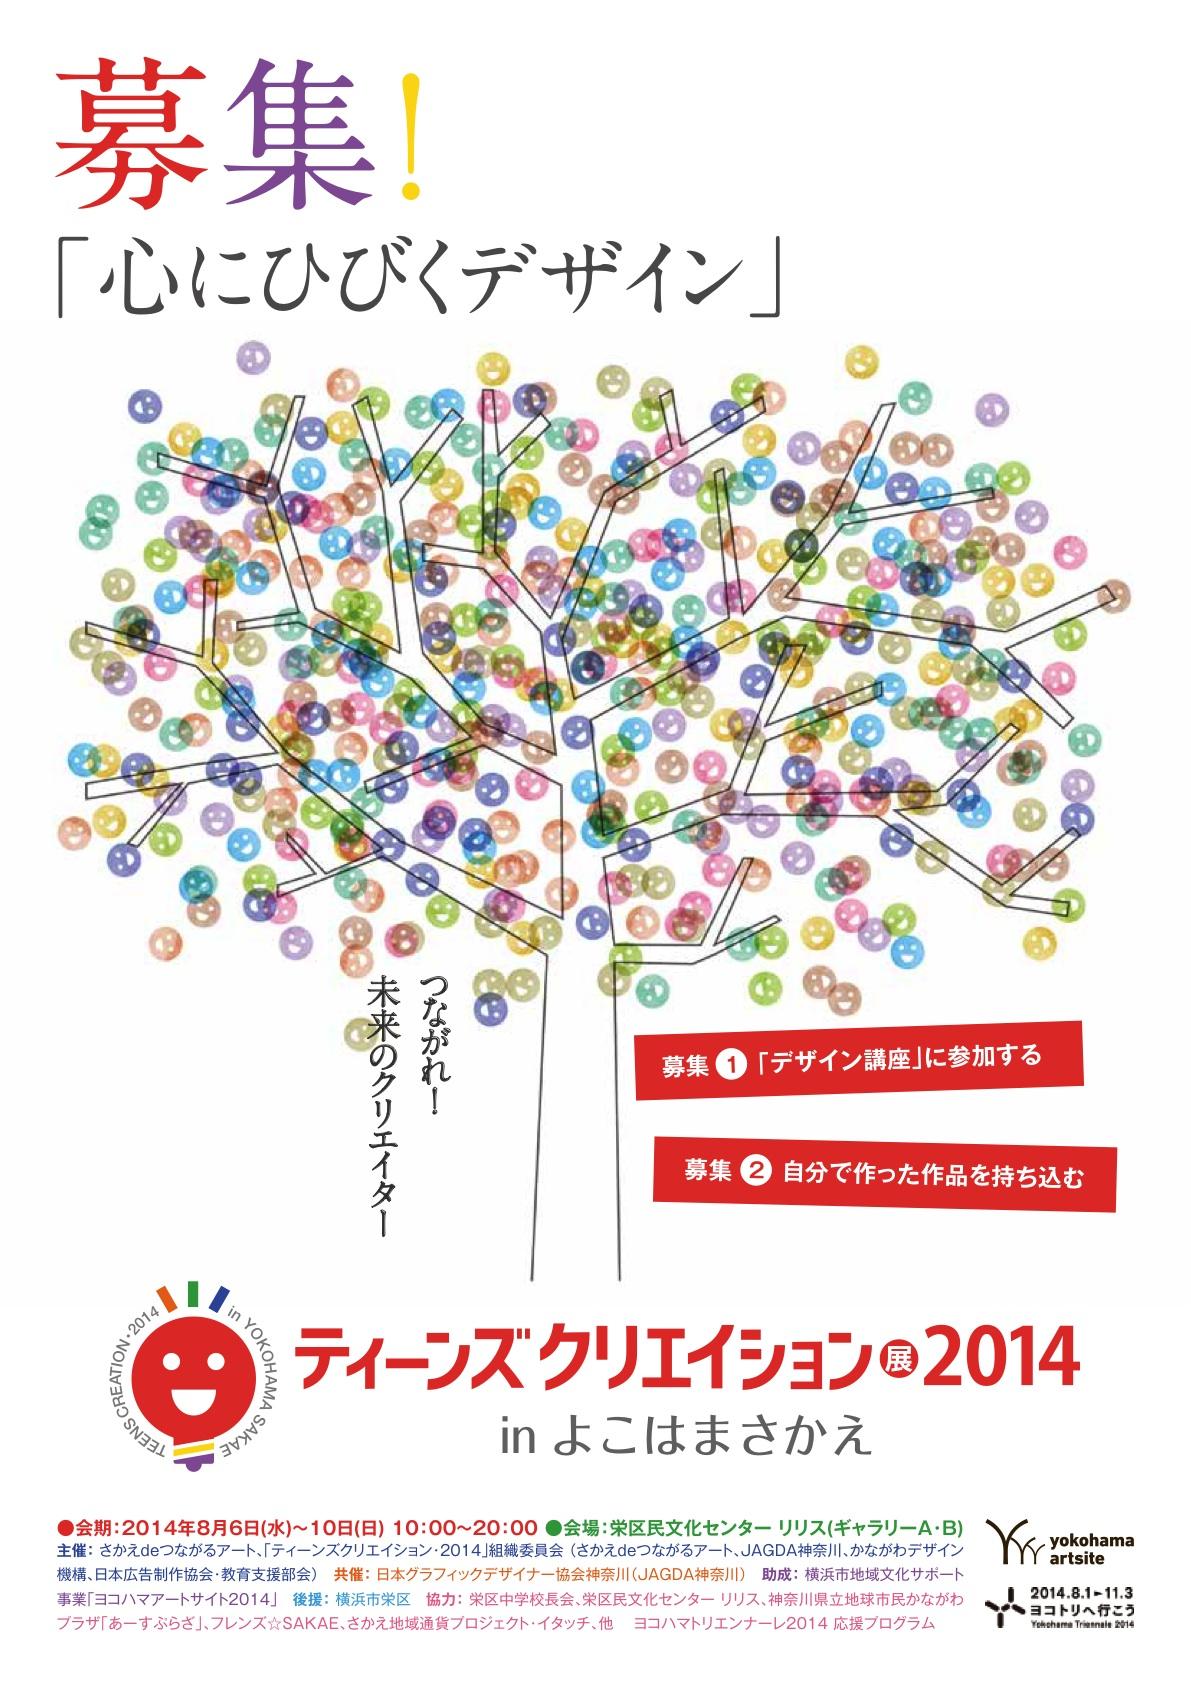 ティーンズクリエイション展2014 in よこはまさかえ_f0197045_615959.jpg